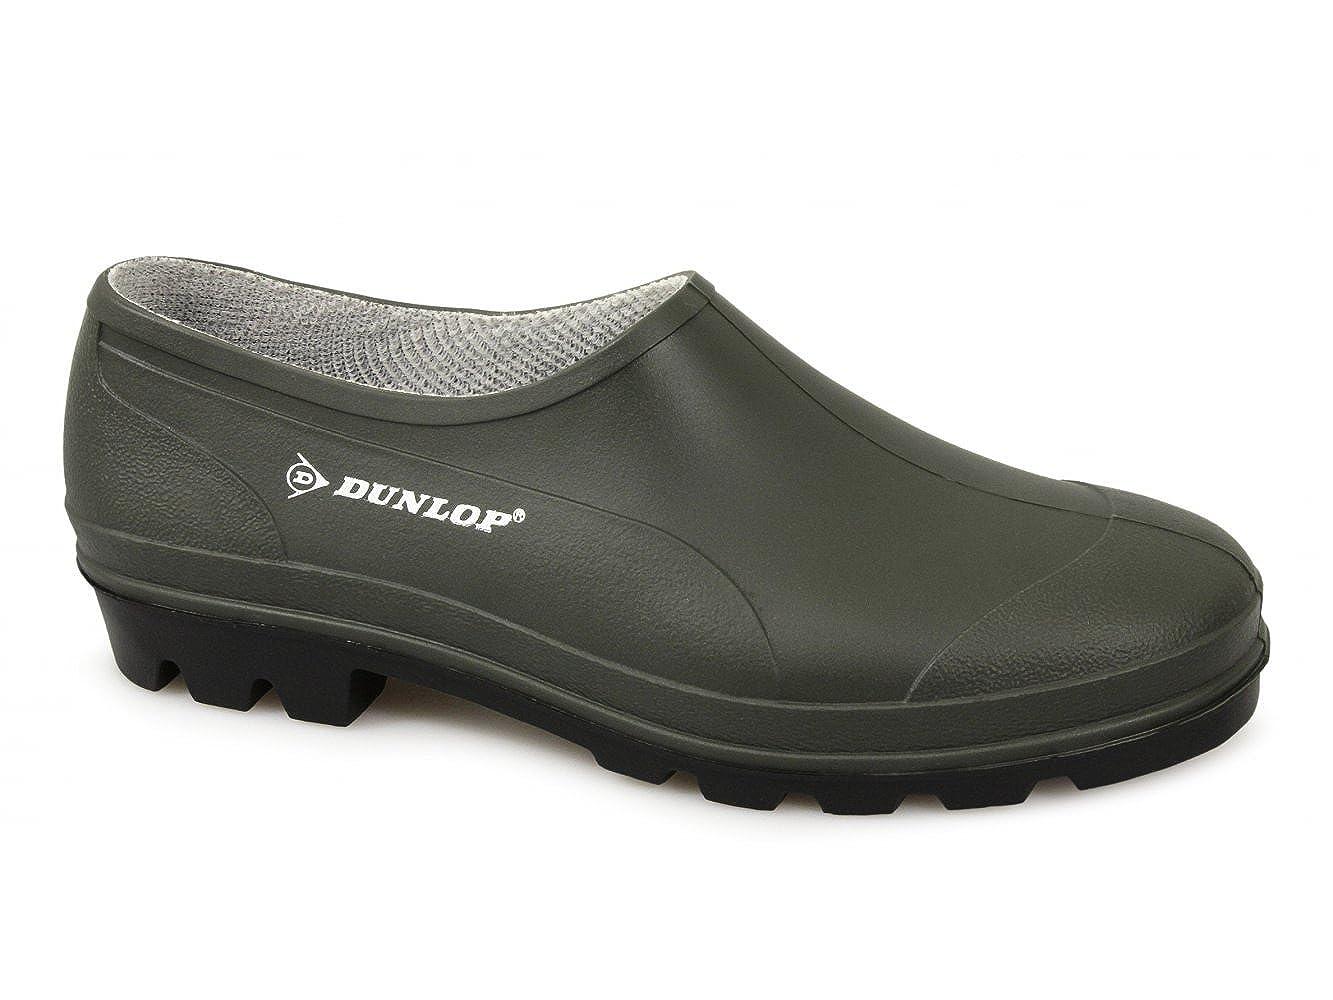 Dunlop Protective Footwear Unisex-Erwachsene Dunlop Monocolour Wellie Shoe Clogs